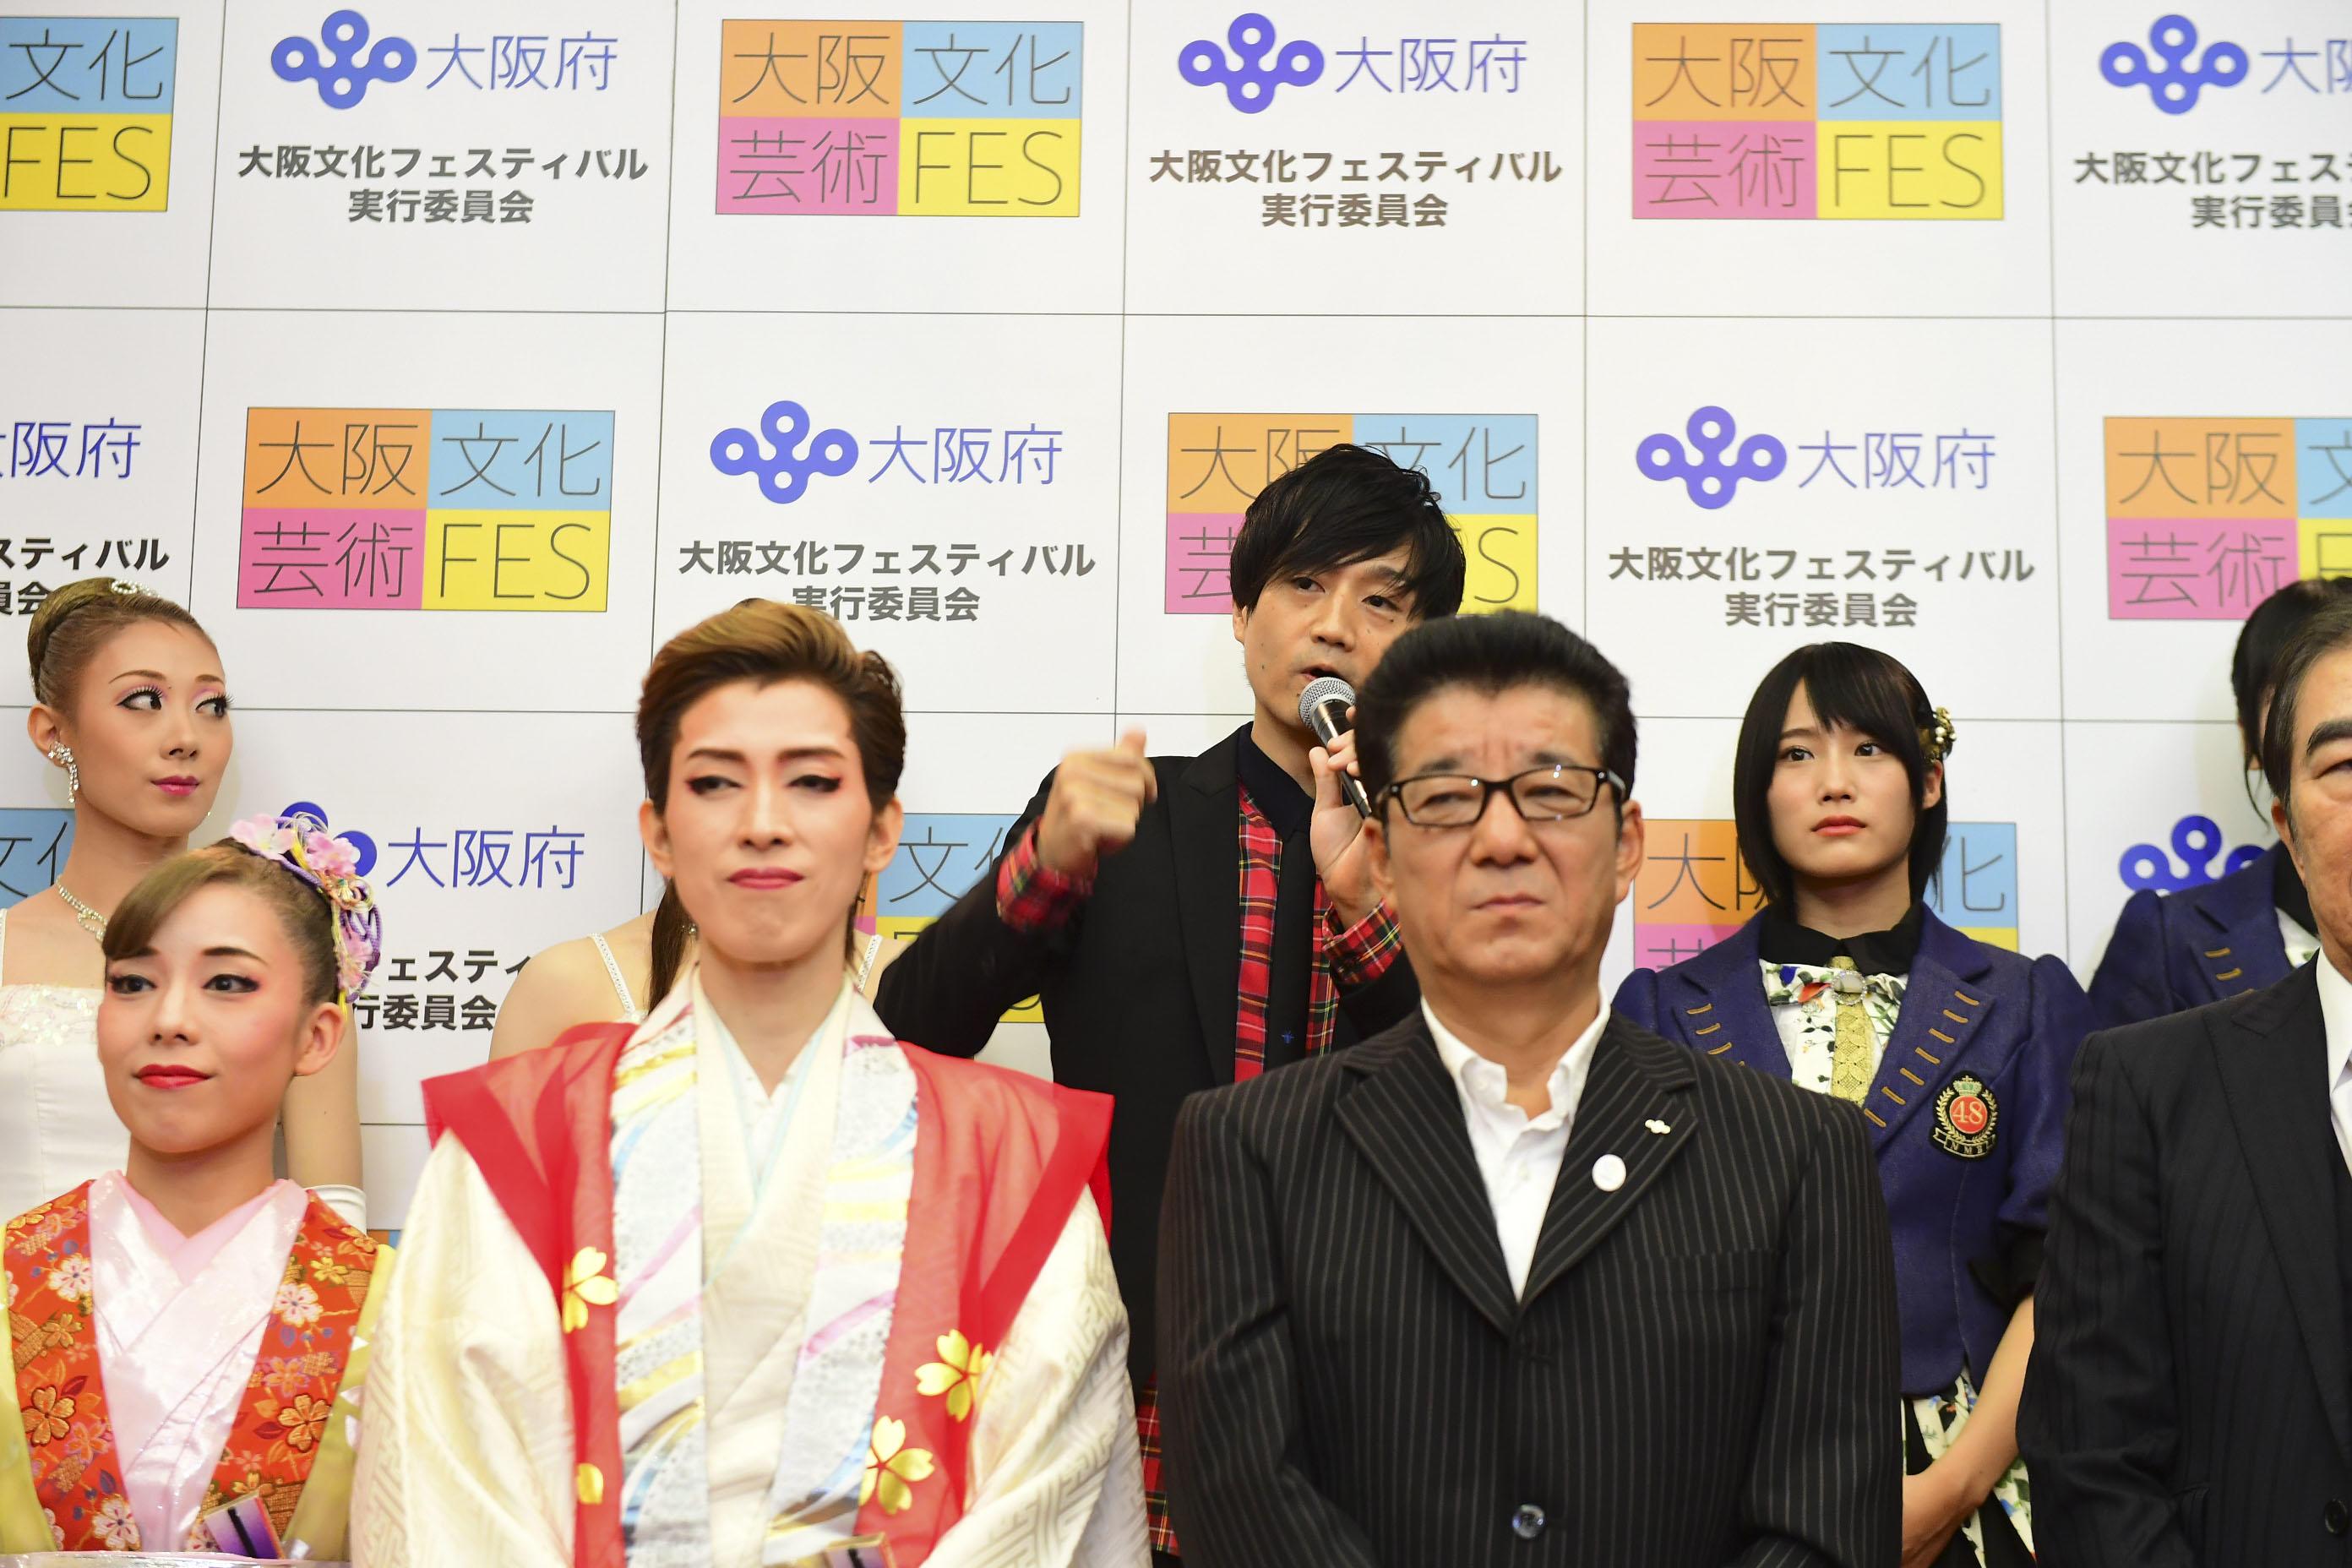 http://news.yoshimoto.co.jp/20170927102159-89d41675d4d91678a101f4d5b9189ad7c4f557ad.jpg